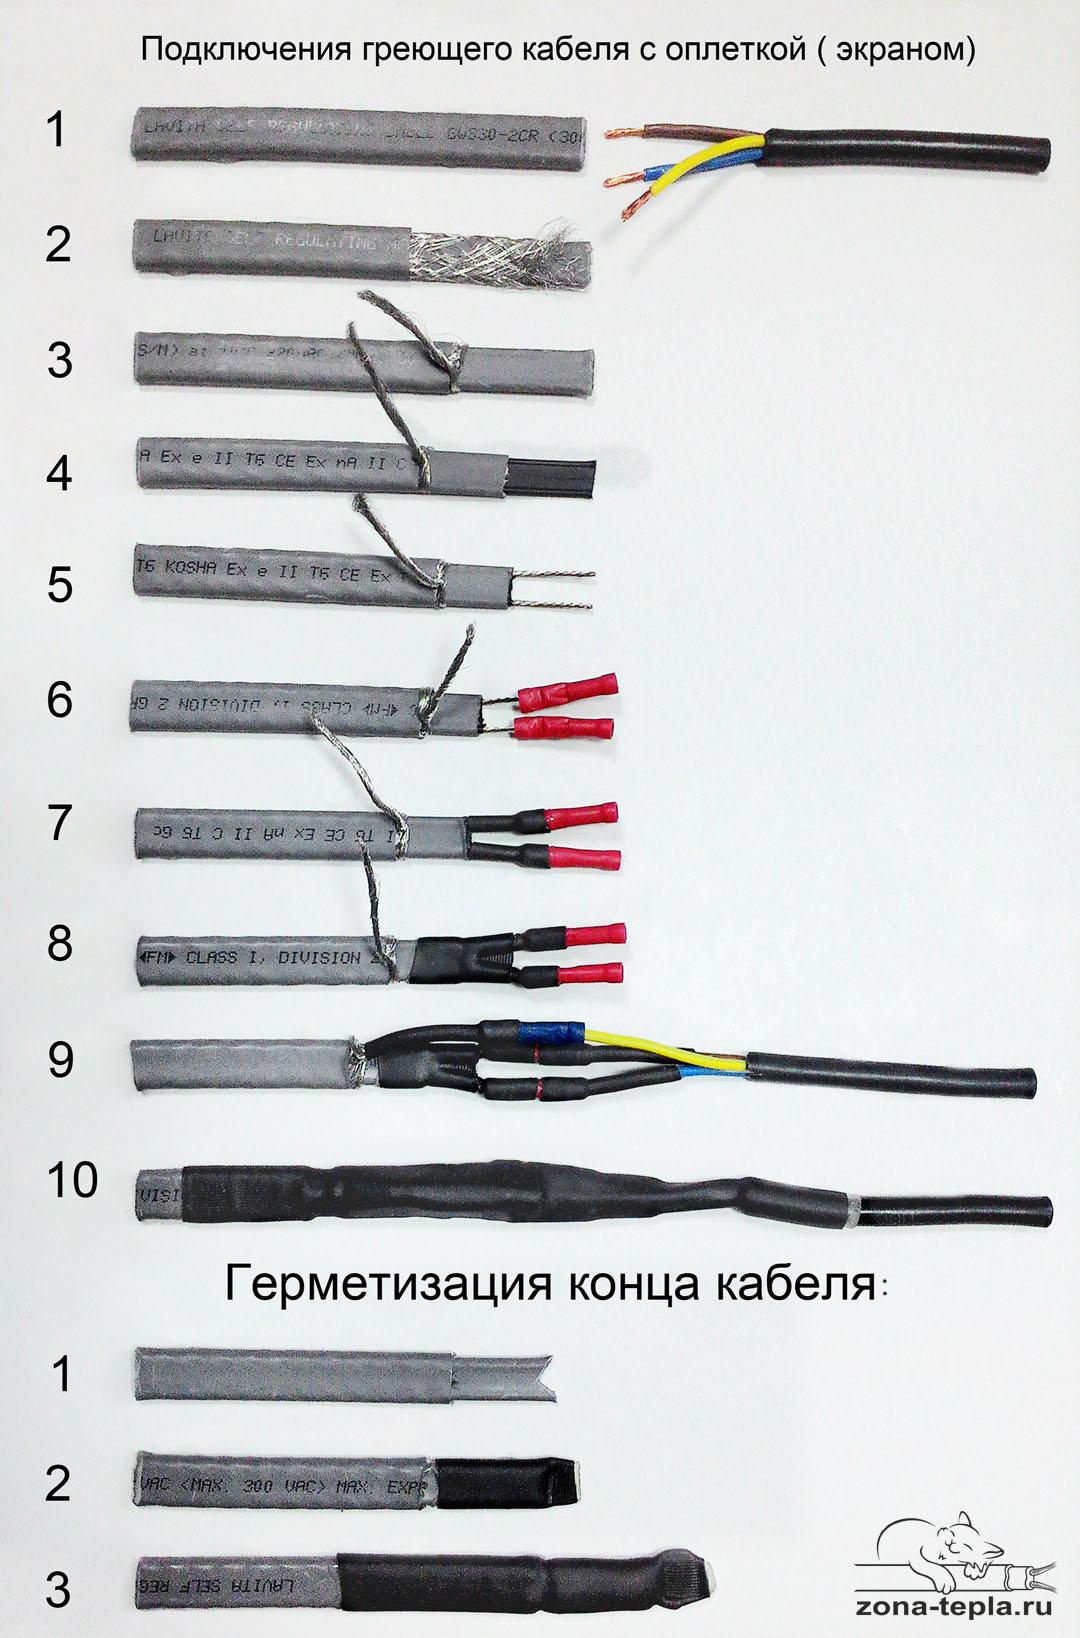 Подключение саморегулирующегося нагревательного кабеля с оплеткой-схема